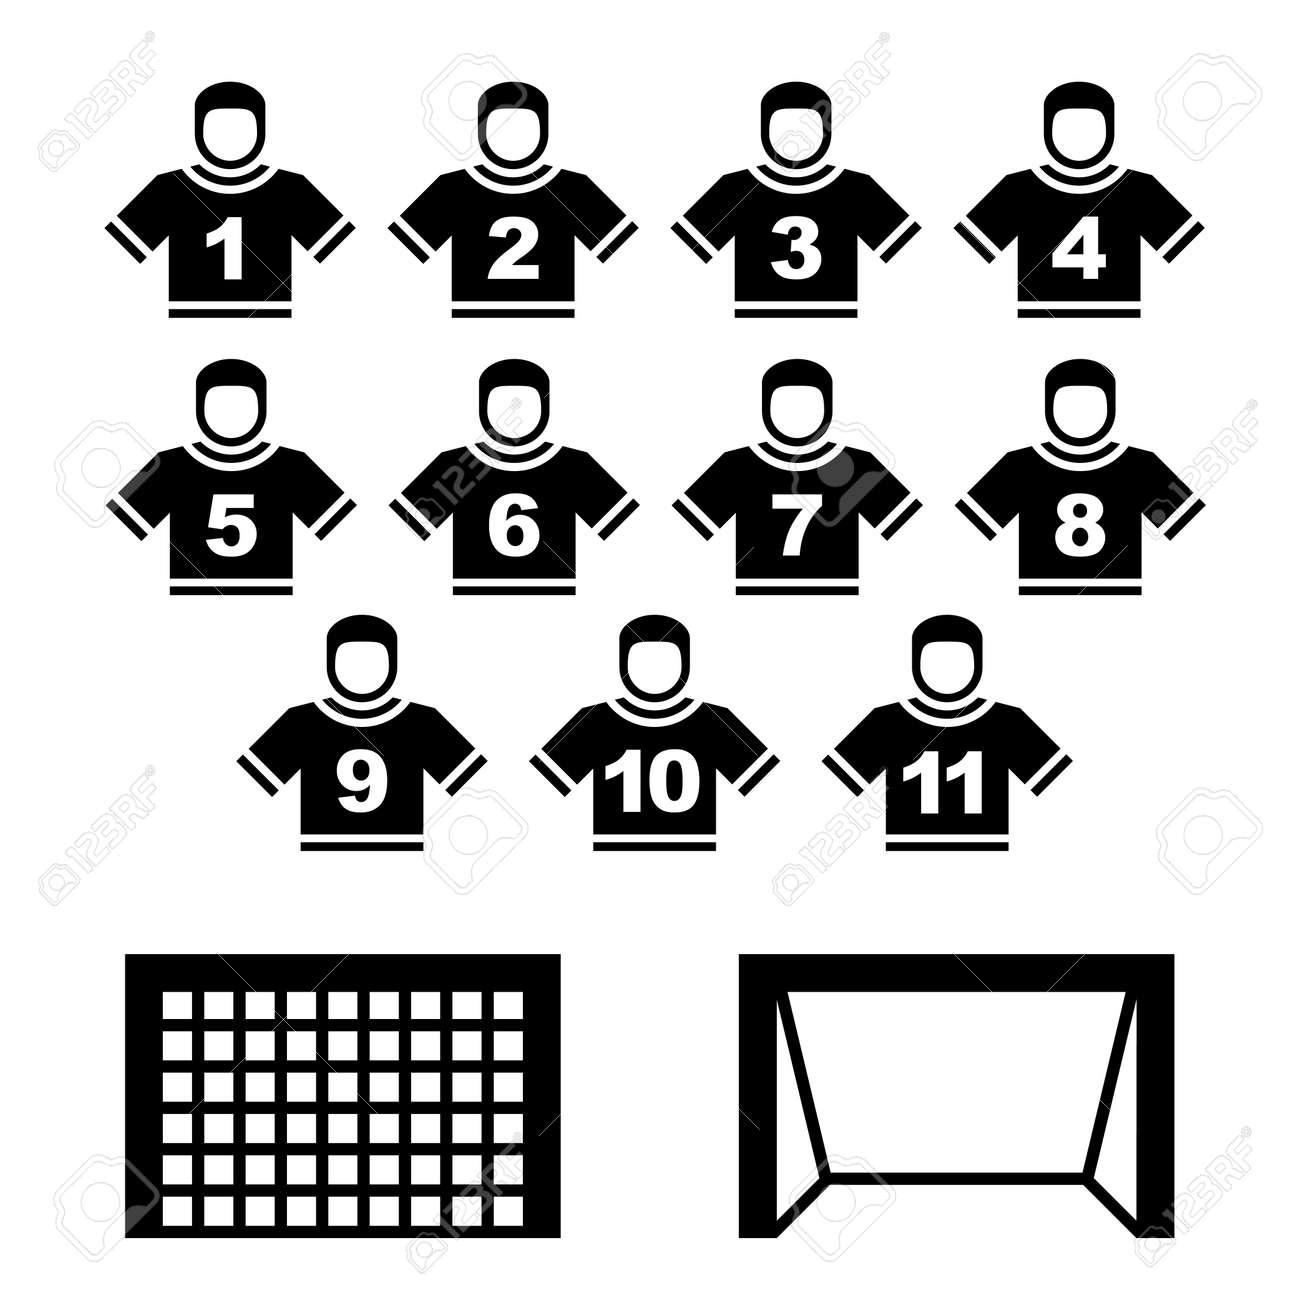 Football team black symbols Stock Vector - 12485581